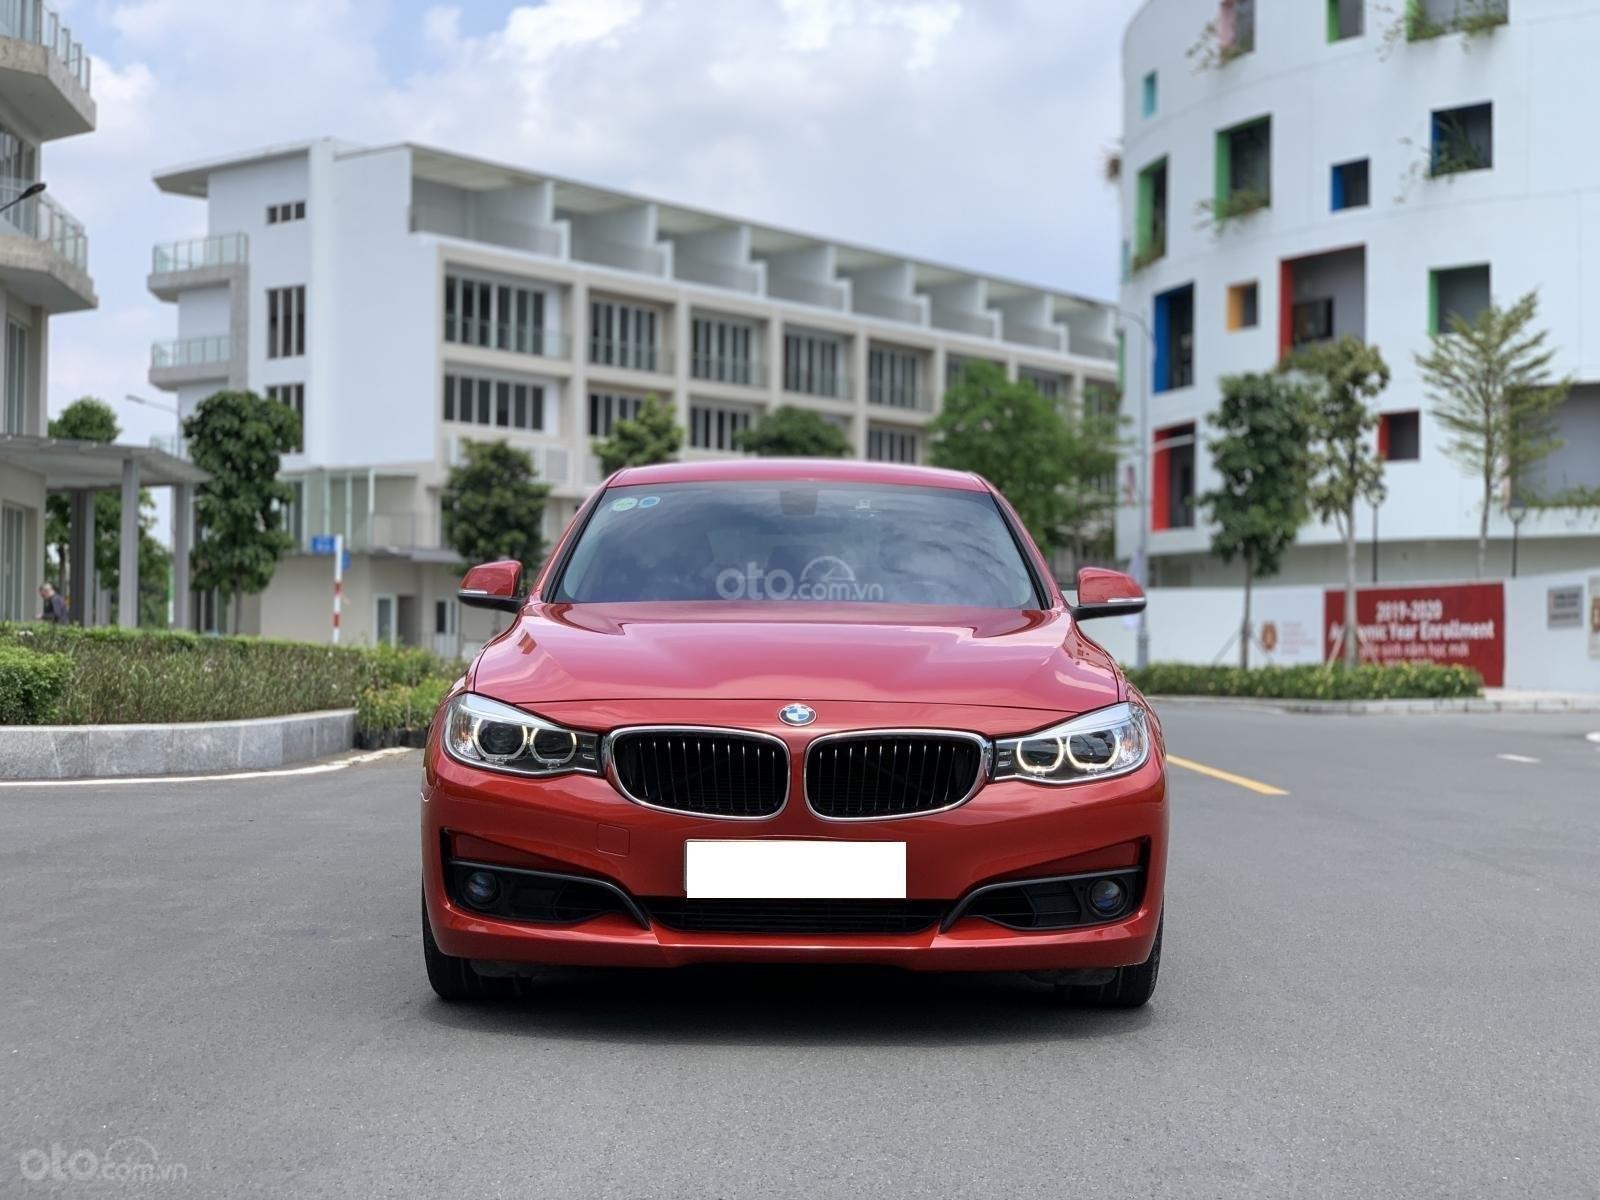 Cần bán BMW 3 Series 328i GT năm sản xuất 2015, màu đỏ/kem nhập khẩu nguyên chiếc (1)